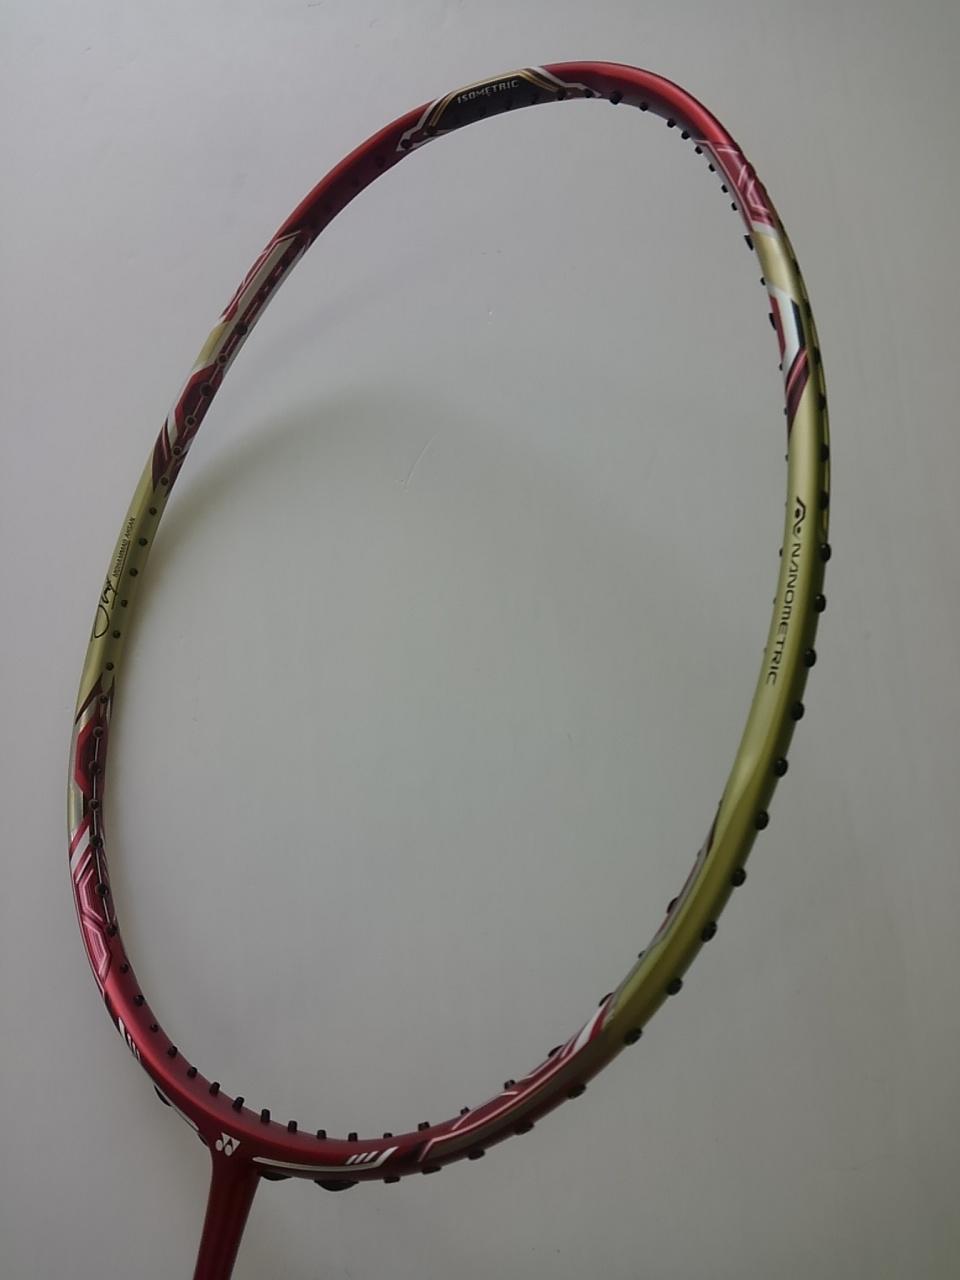 KIMG2876